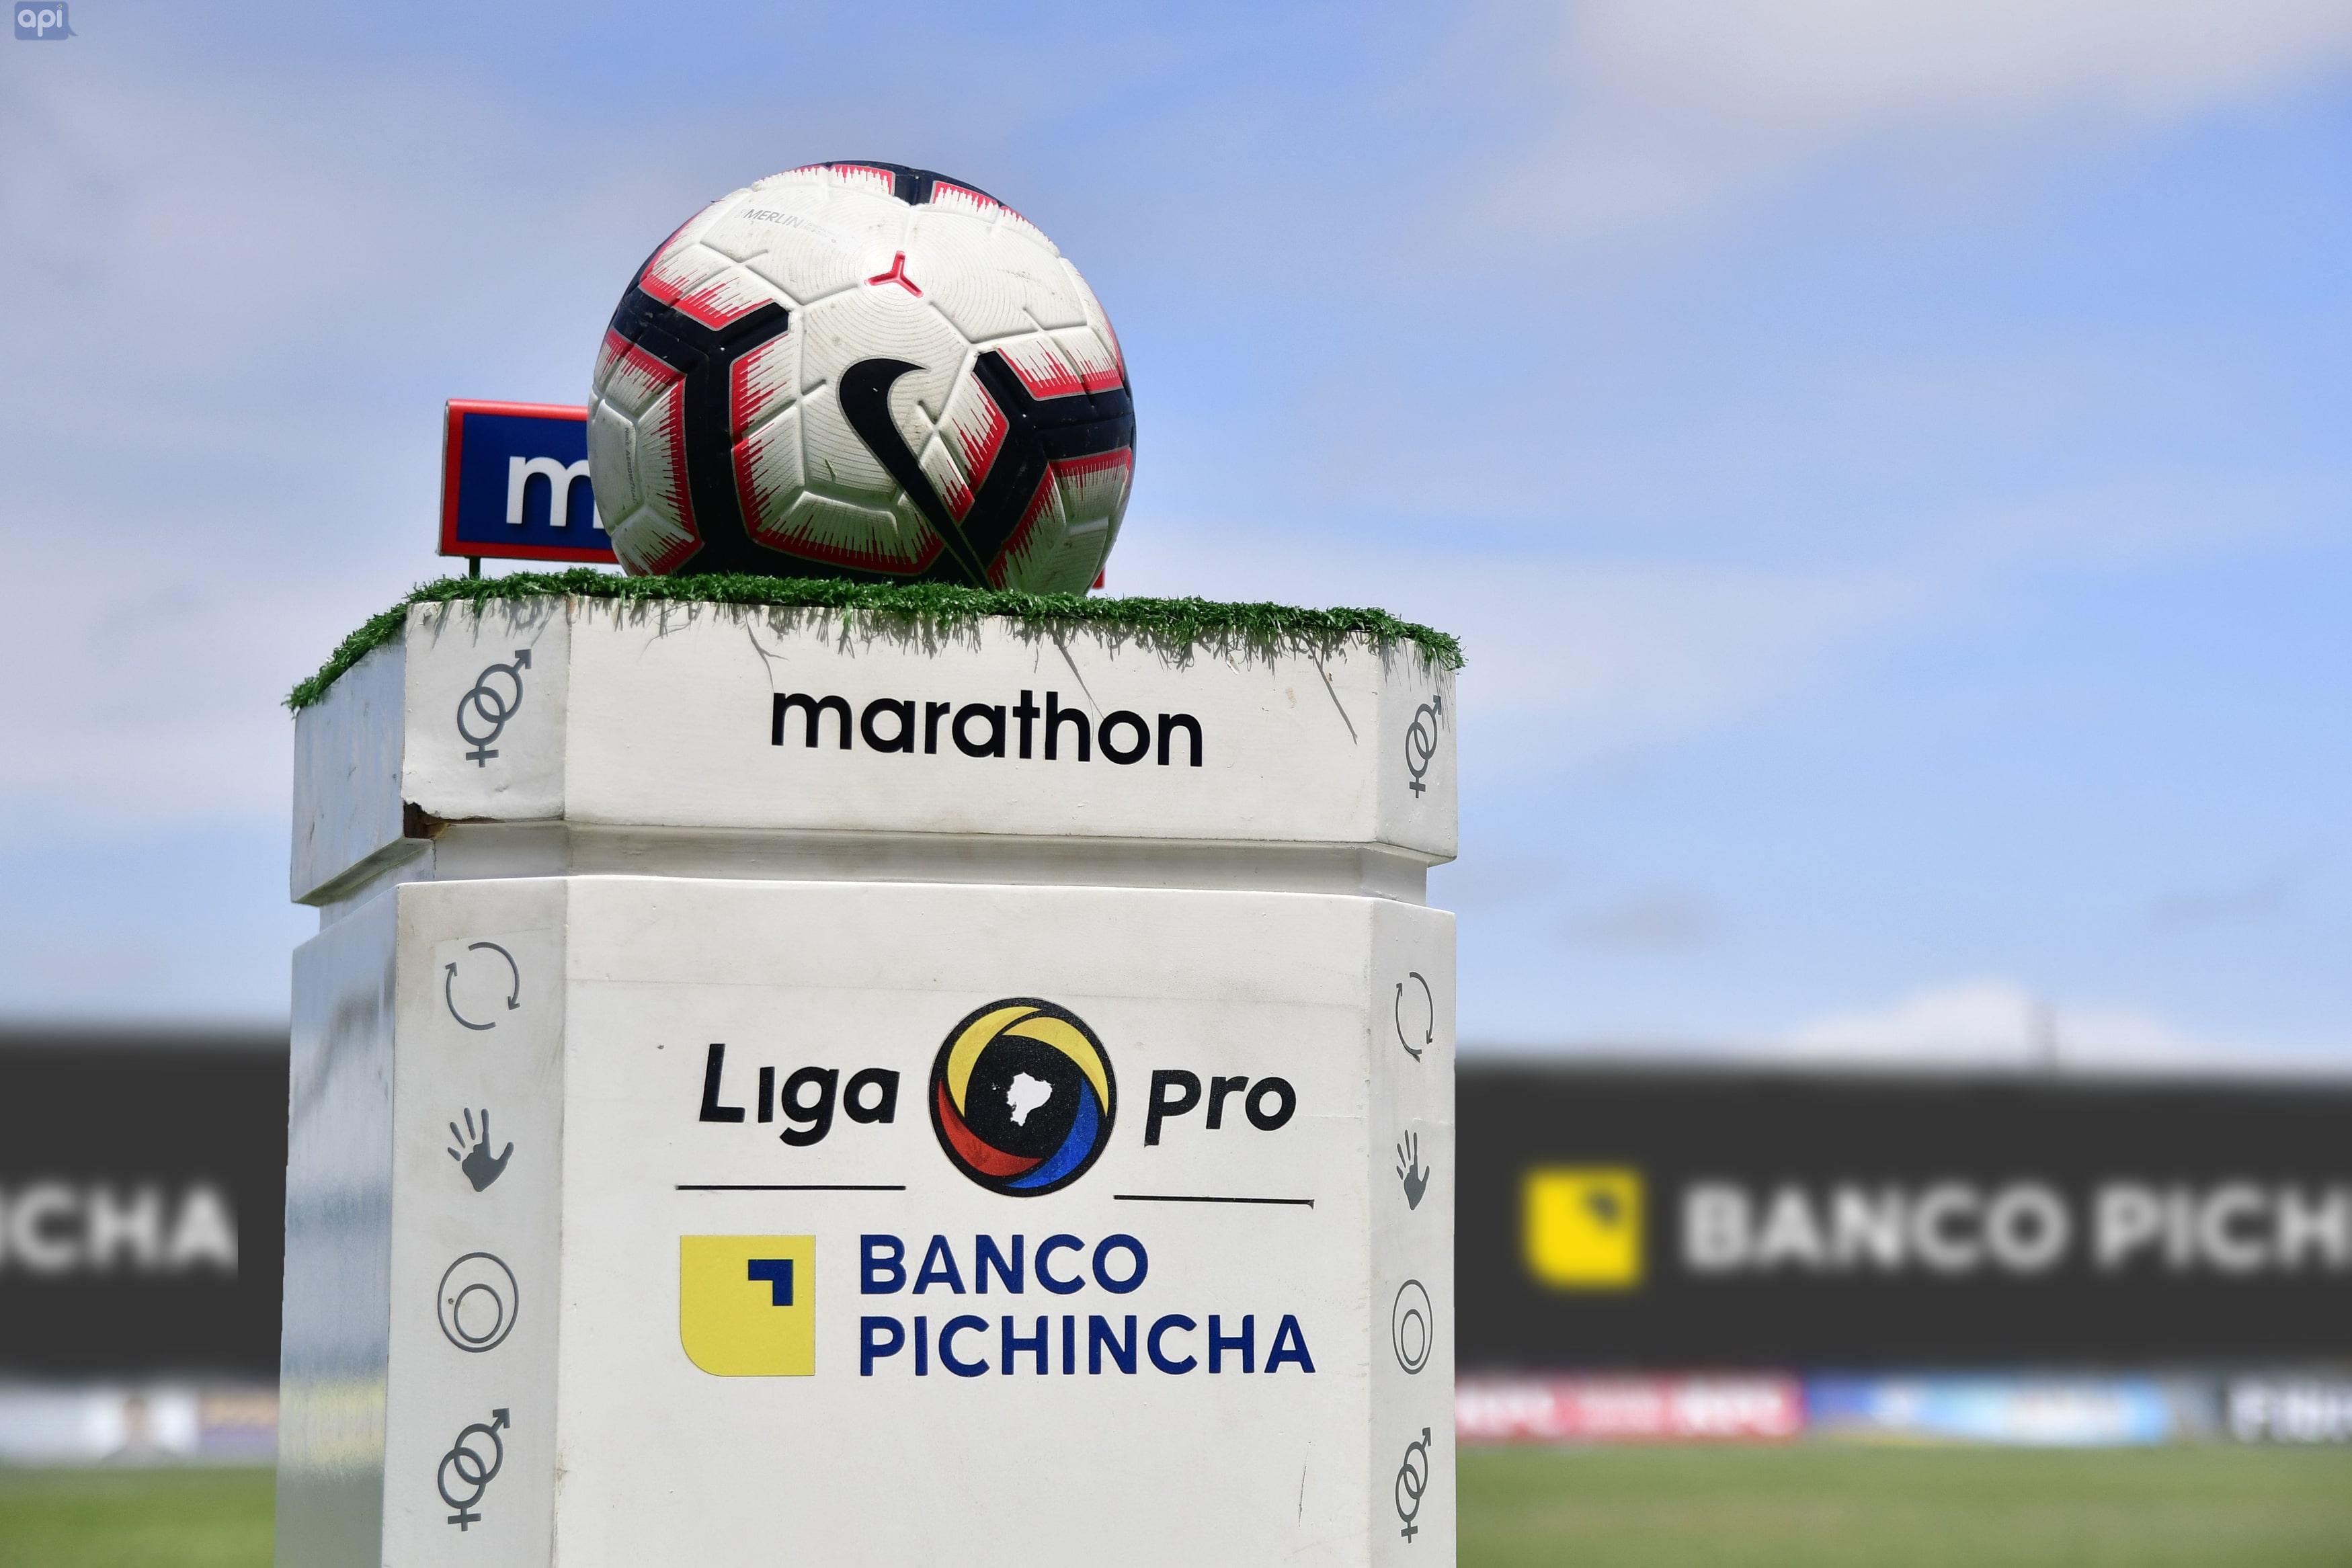 Futbol Ecuador. Se acabó la espera, el campeonato ecuatoriano Liga Pro 2020  arranca